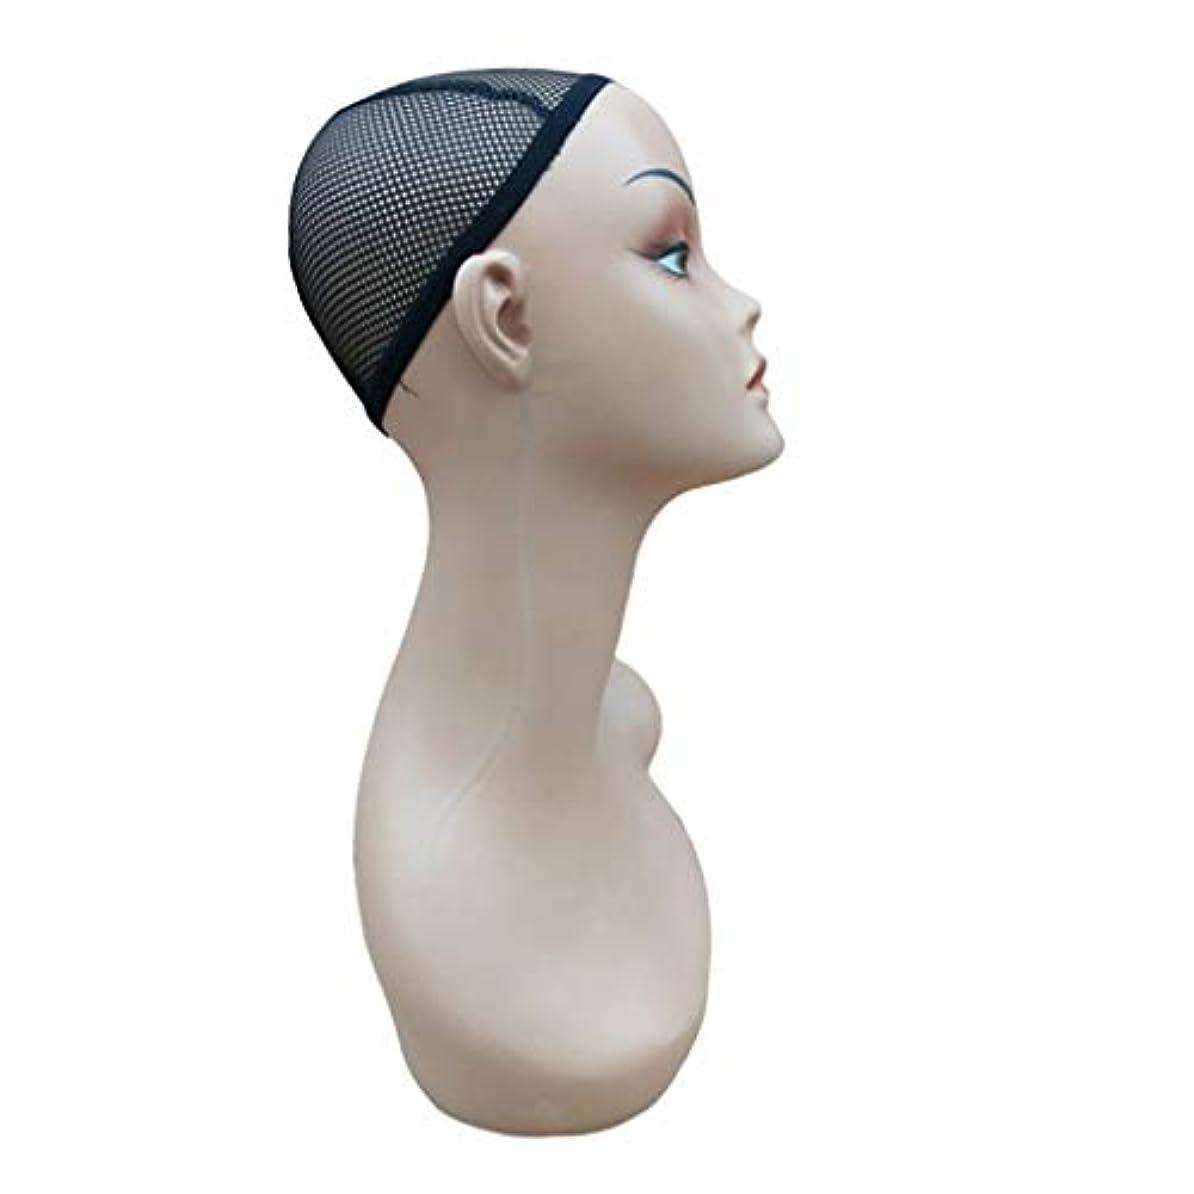 擬人化トレード論理的DYNWAVE マネキンヘッド ヘッドモデル ディスプレイ ネックレス ジュエリー 帽子スタンド